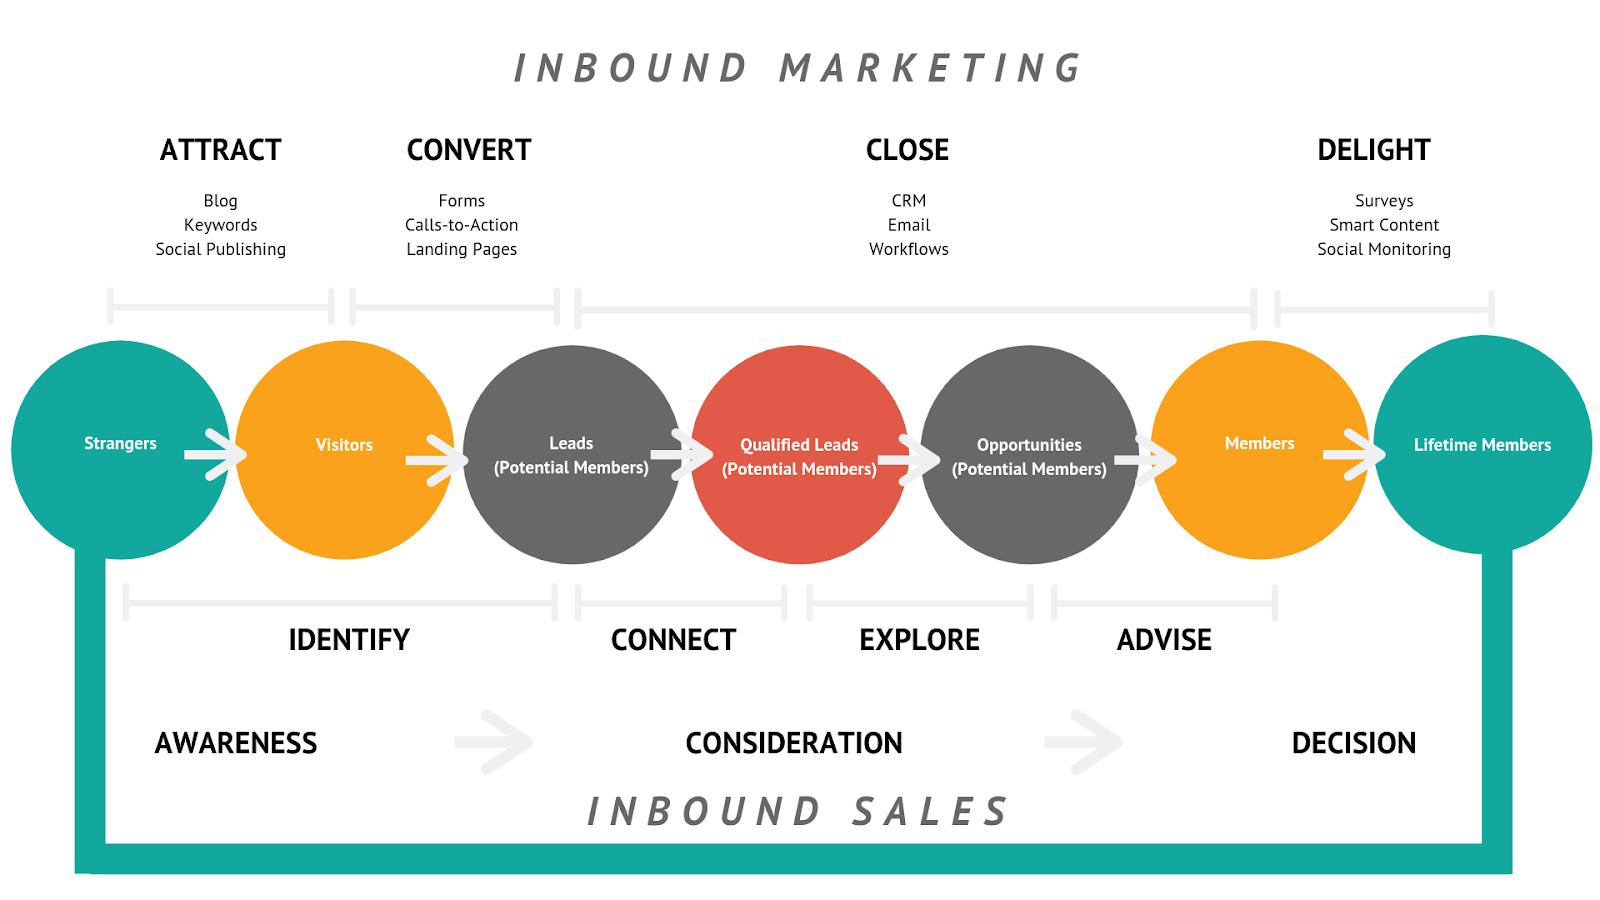 inbound marketing for member-based organisations